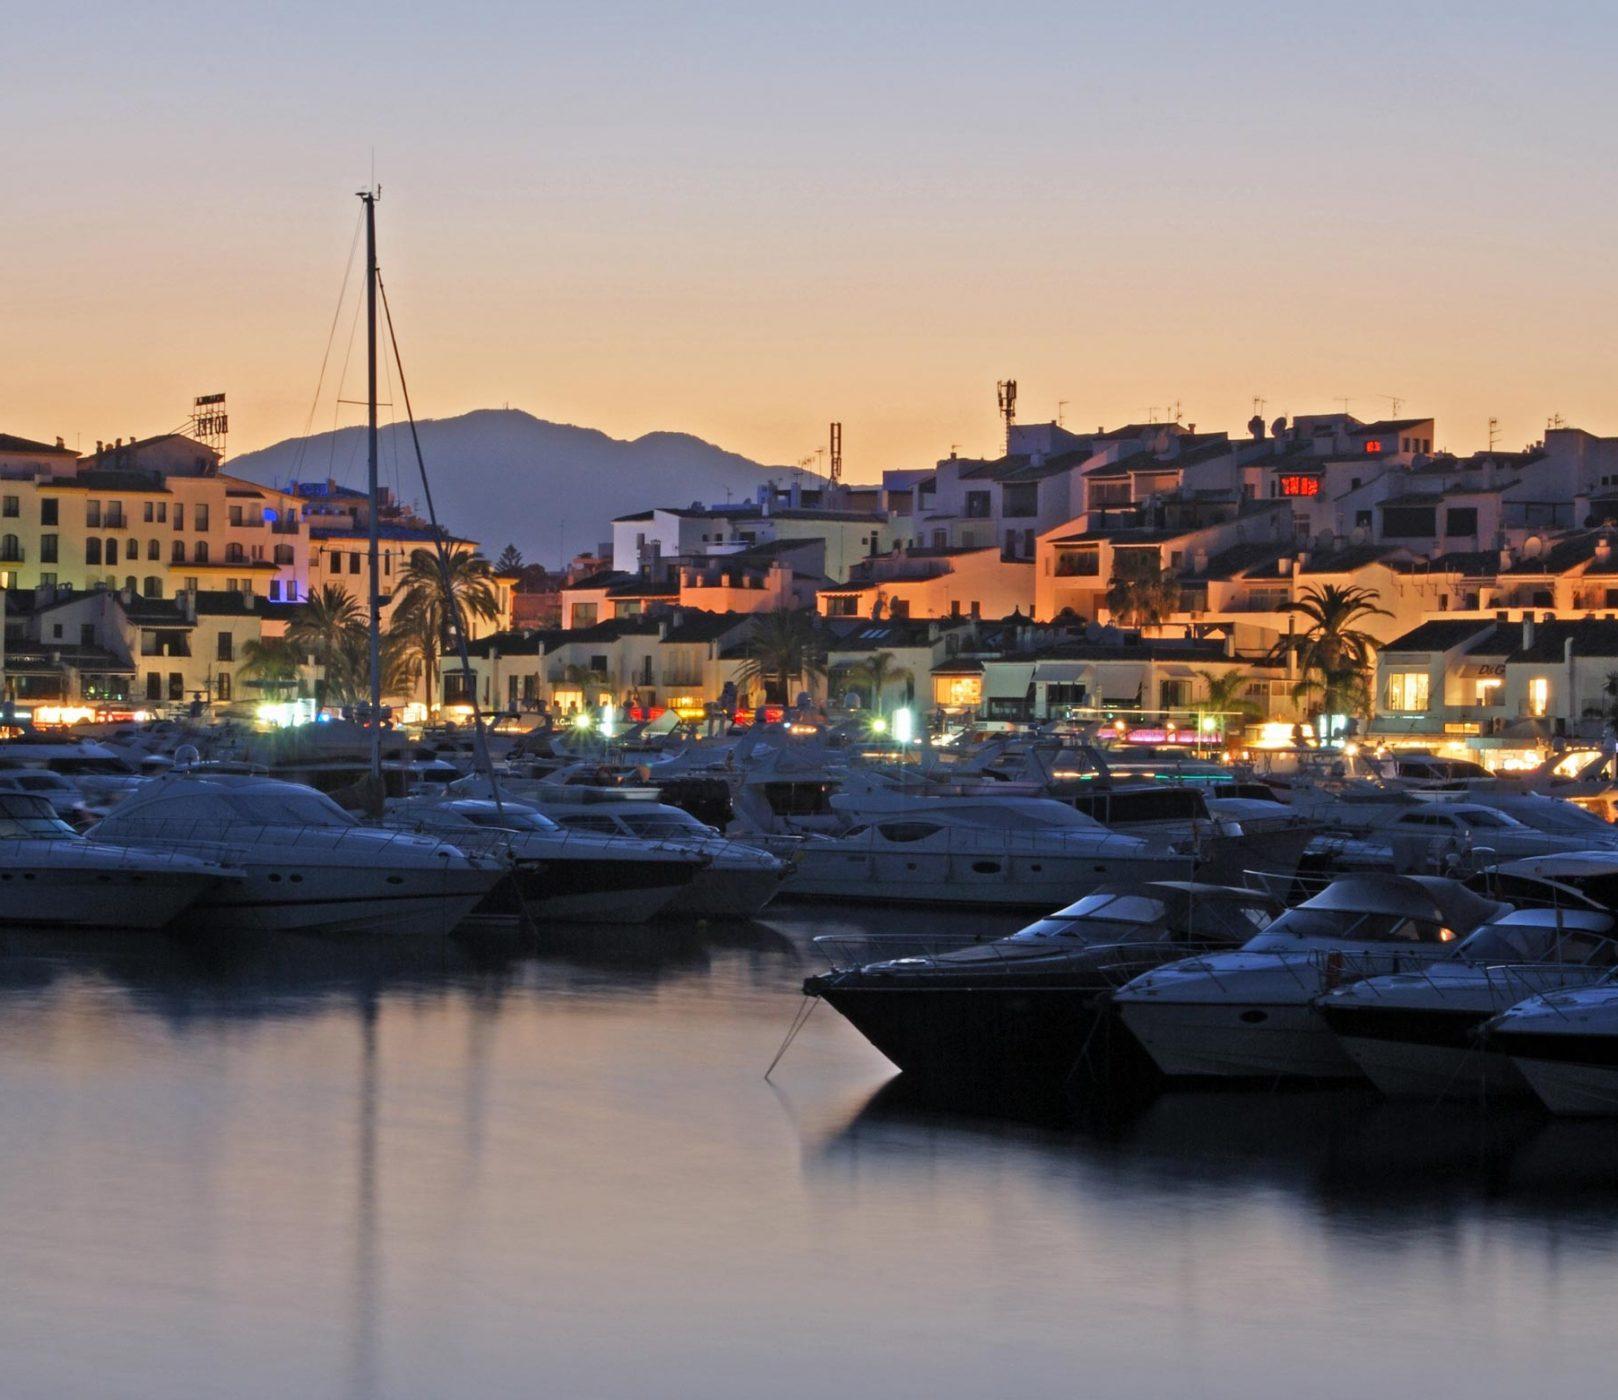 bigstock-puerto-banus-marina-at-dusk-108185156-2-1